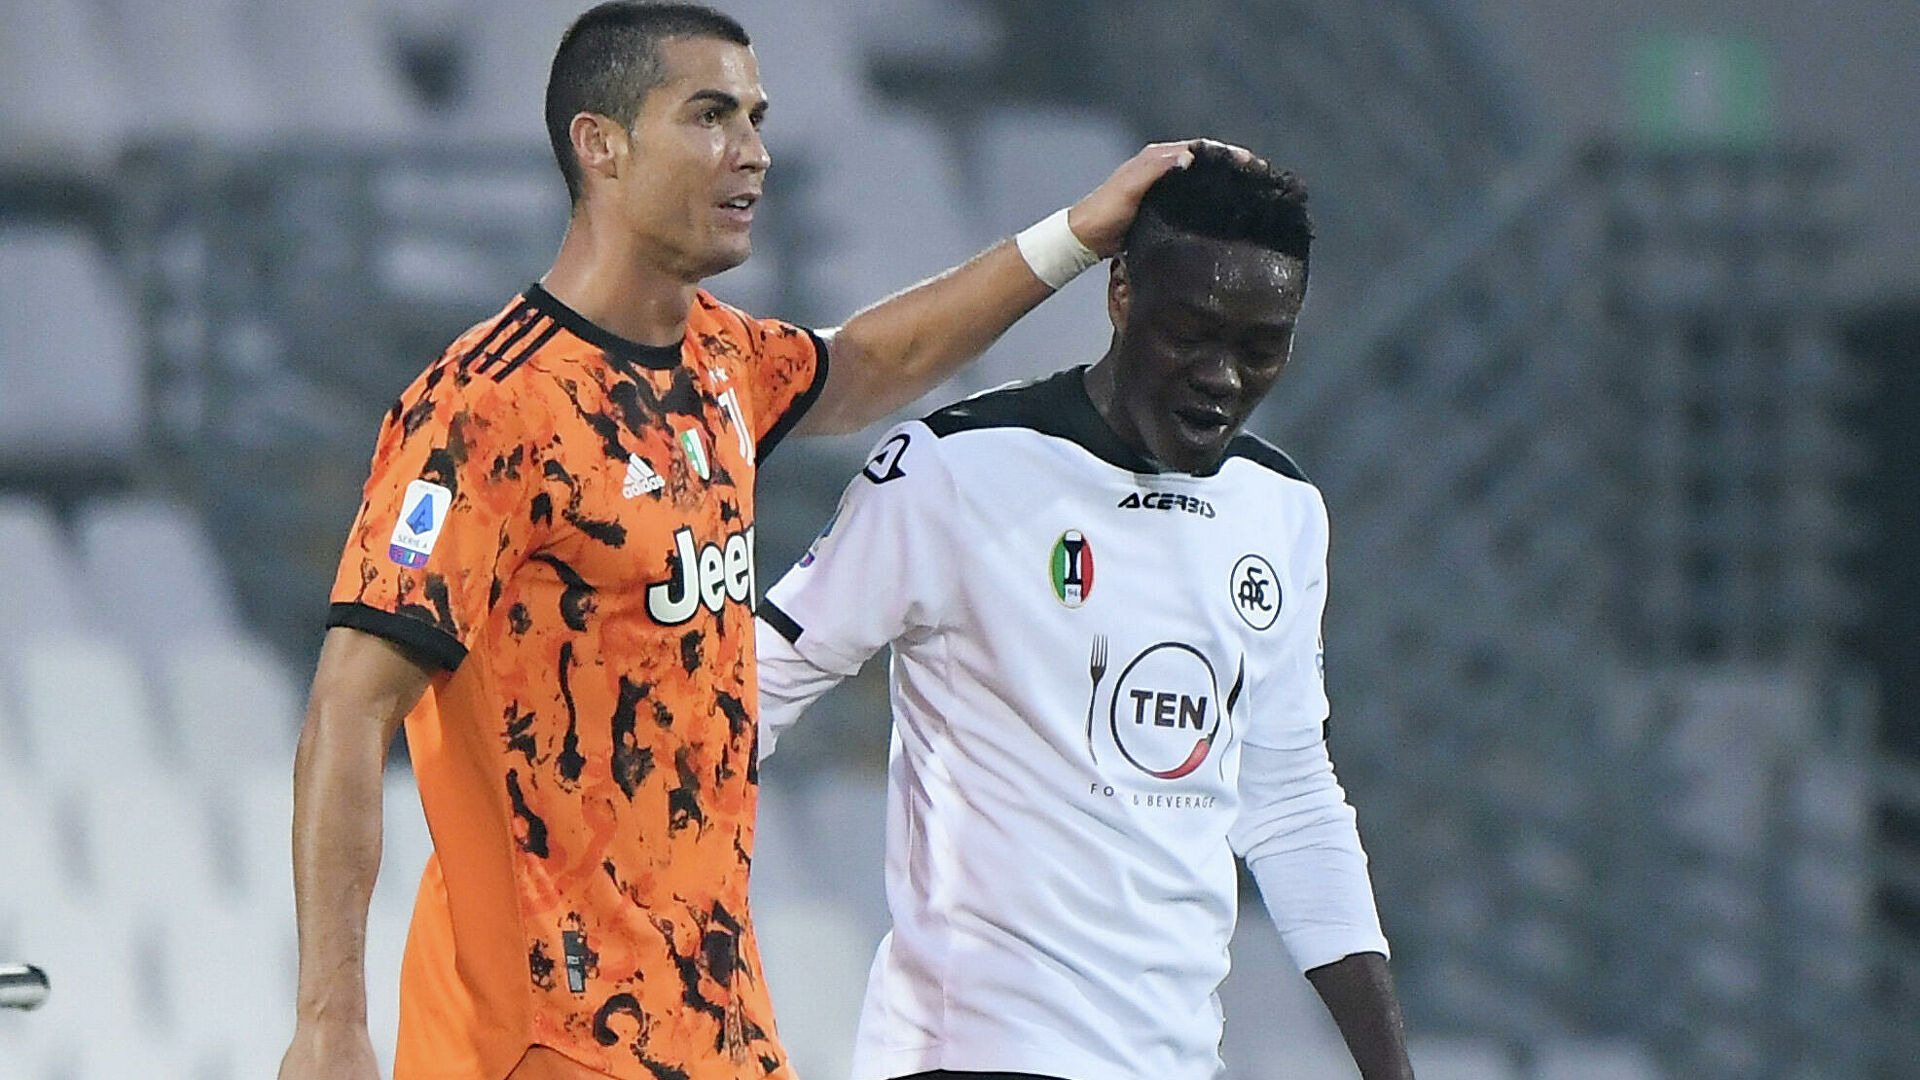 Đàn ông bản lĩnh phải quân tử nhất ngôn như Ronaldo, đã nói là làm: Thề không bao giờ gia nhập Man City, dám cạo đầu nếu vô địch, hứa ghi bàn tặng fan nhí ung thư - Ảnh 6.